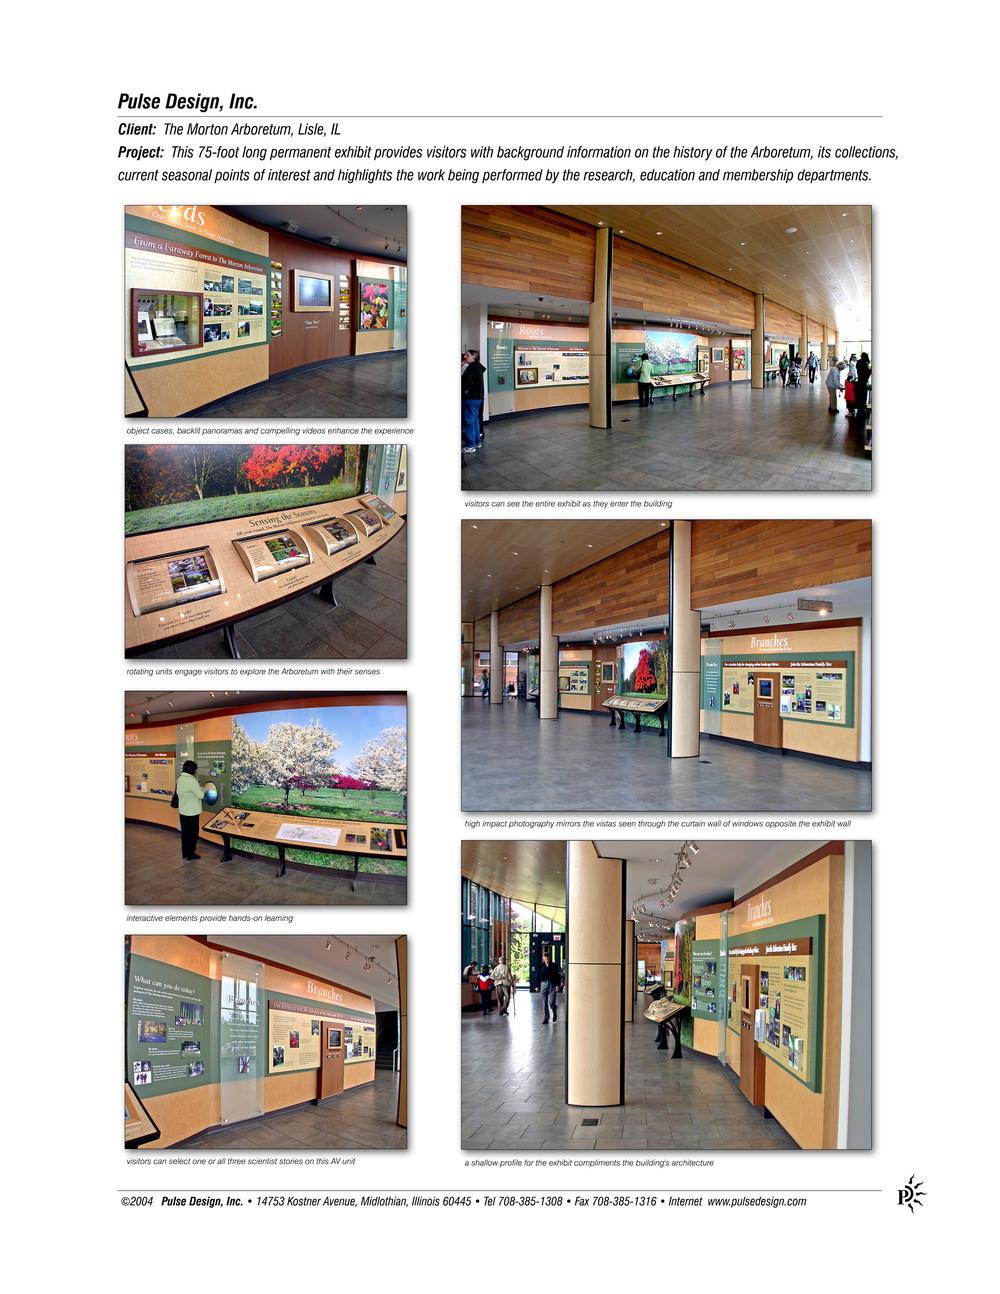 Morton-Arboretum-Exhibit-Wall-1-Pulse-Design-Inc.jpg